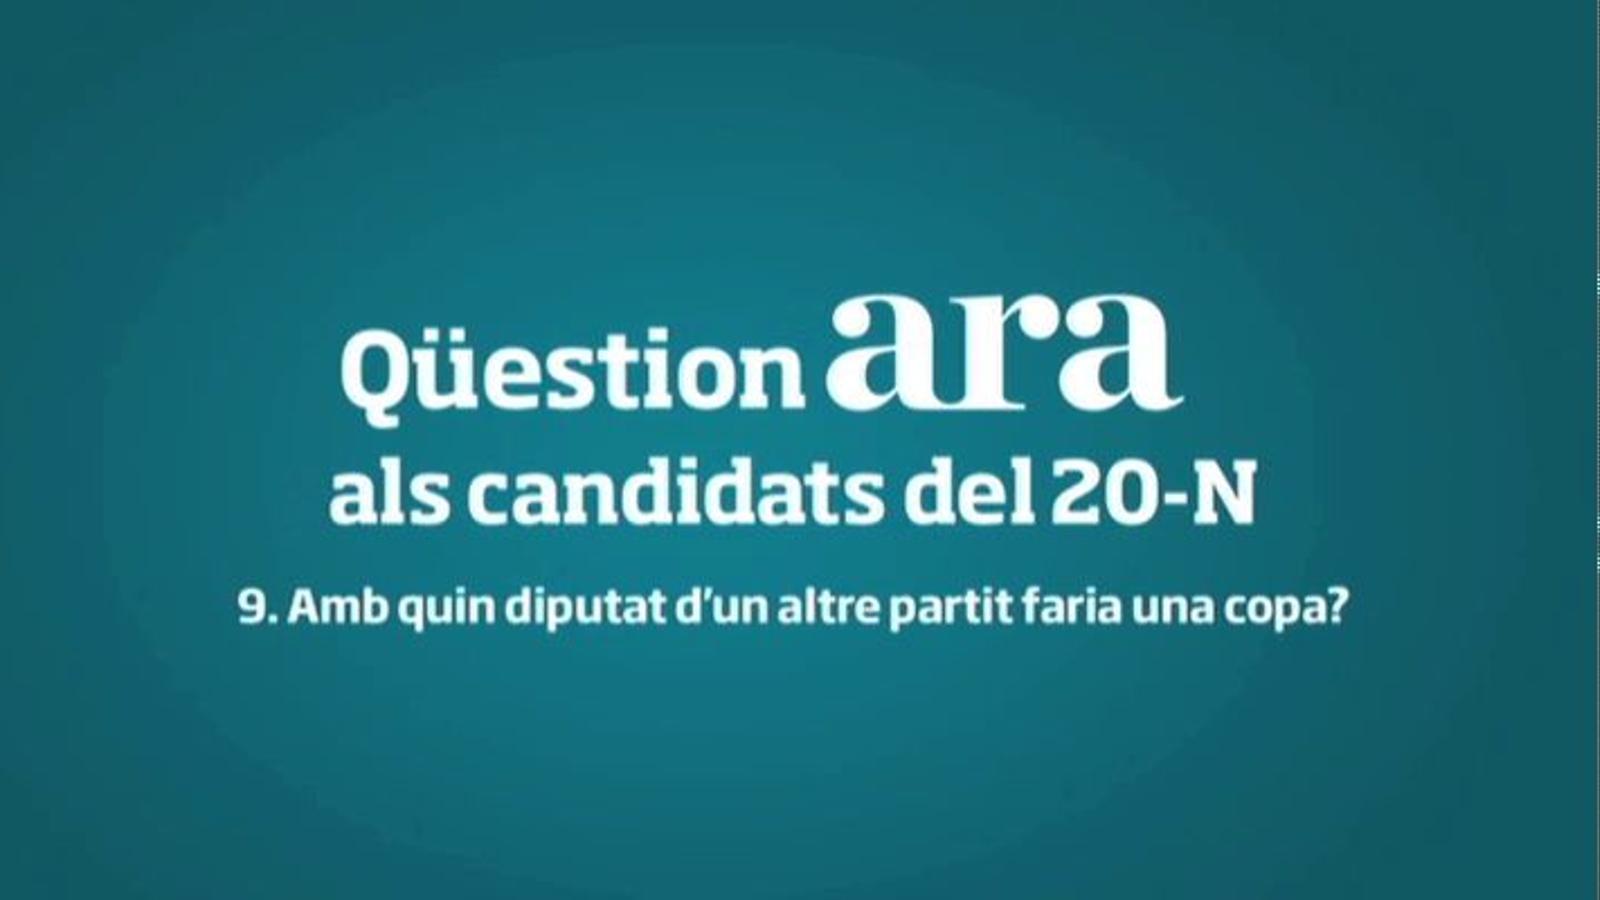 Amb quin diputat que no sigui del seu partit farien una copa els candidats del 20-N?